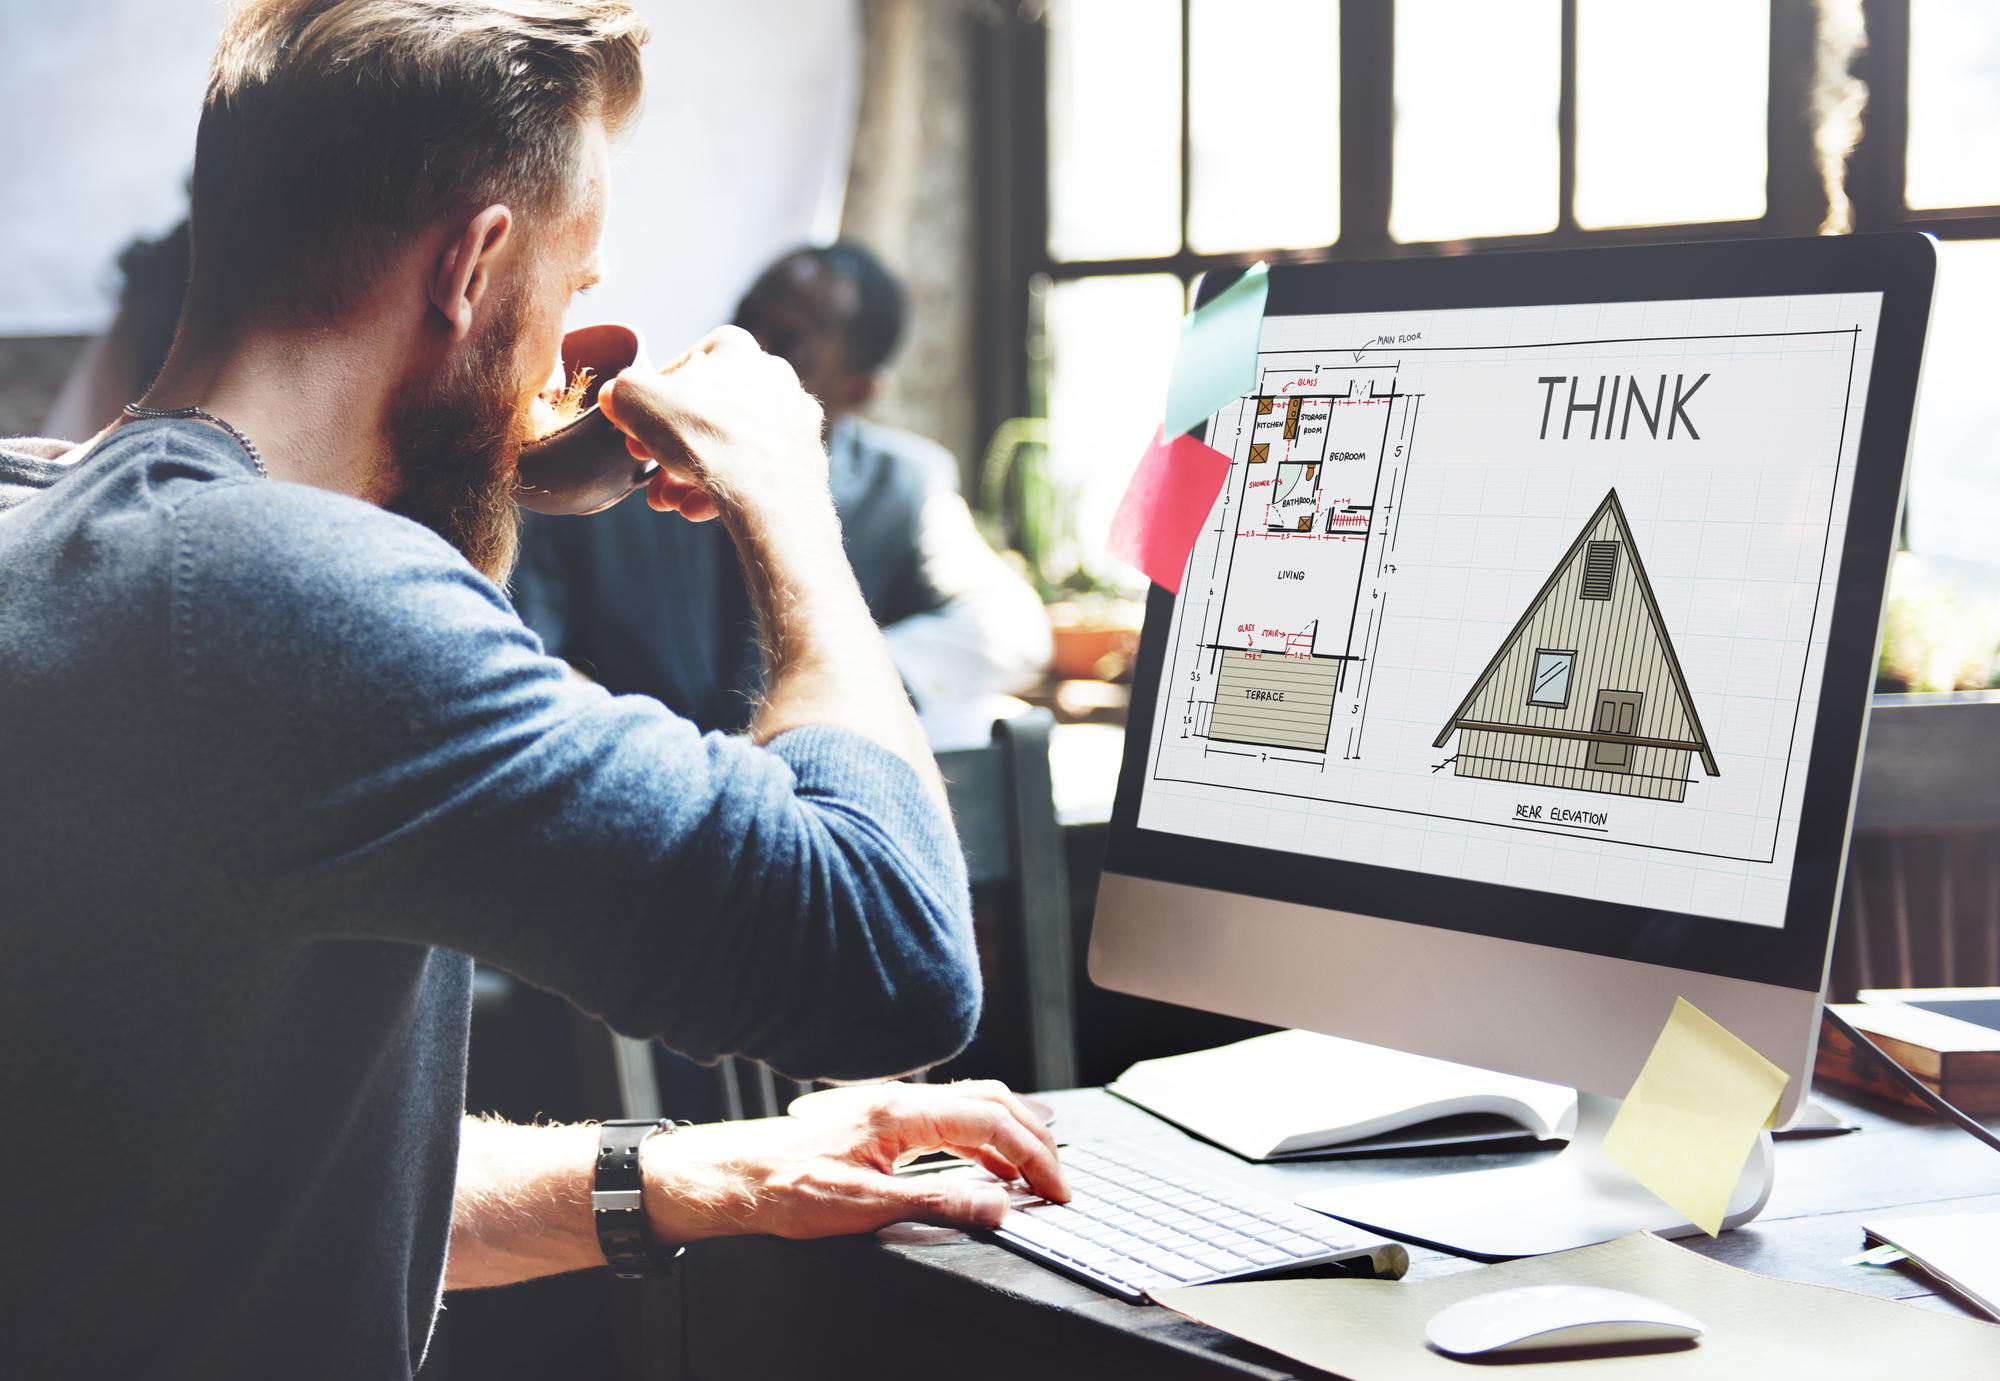 ホームページを作成するビジネスを始めようと考えています!